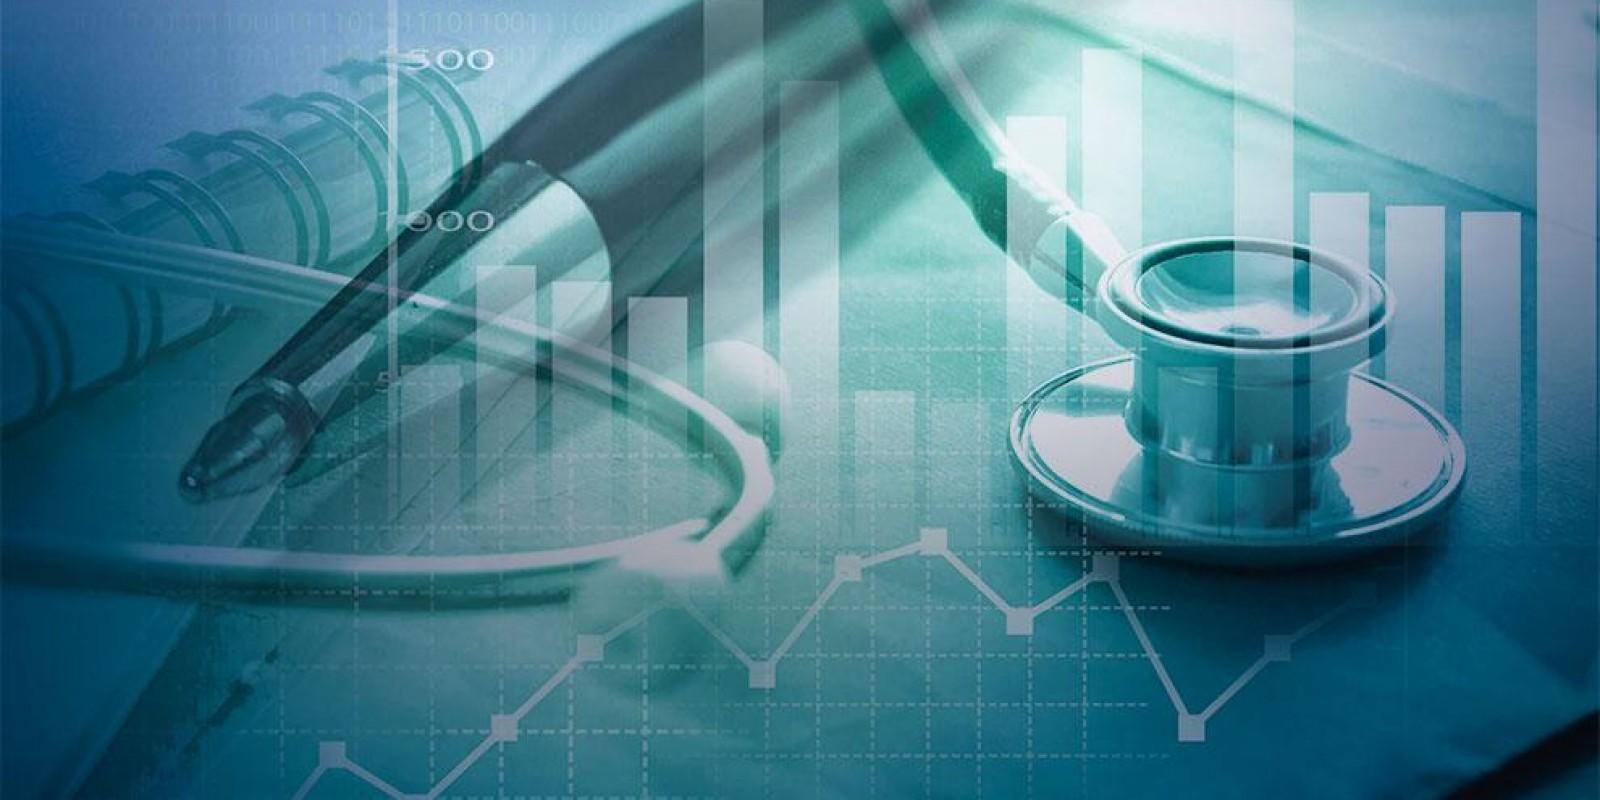 Saúde E Economia: O Senso Moral Na Tomada De Decisões